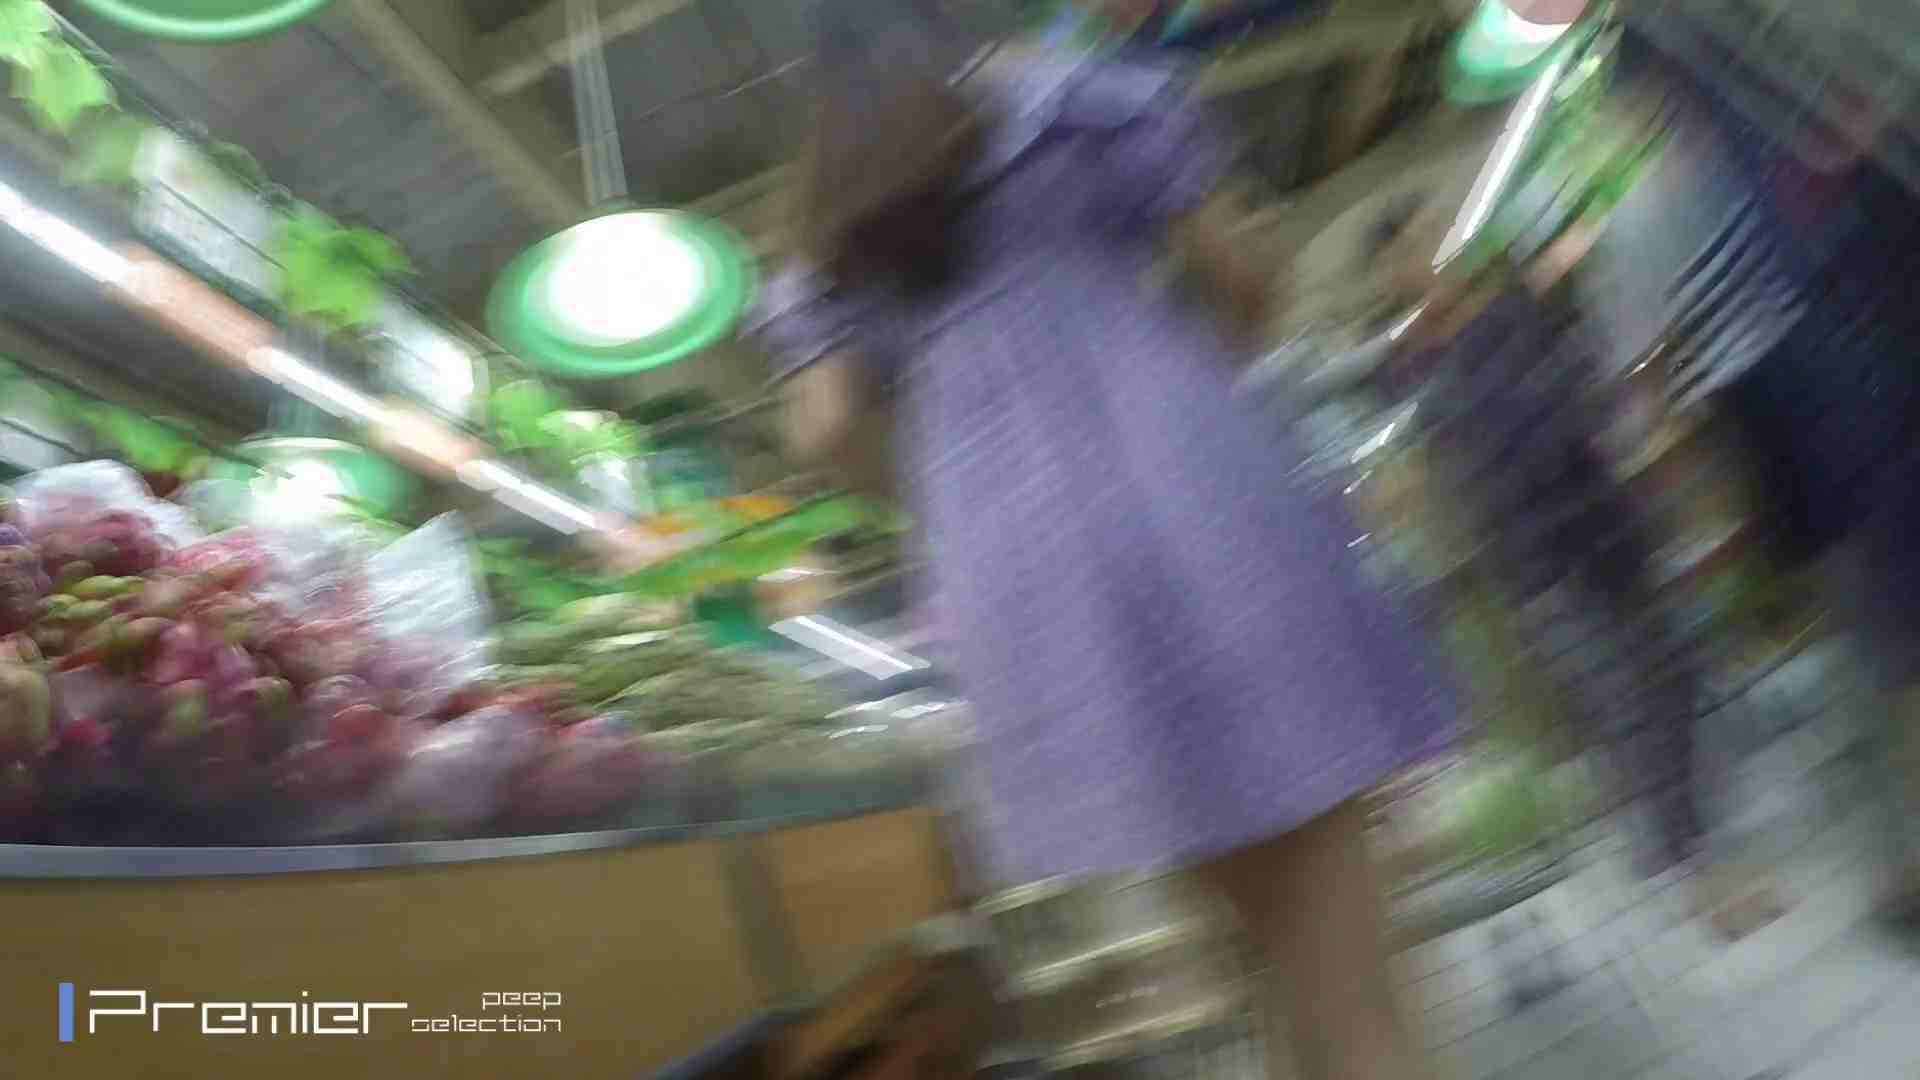 美女の下半身を粘着撮り!卑猥なパンチラ Vol.05 美女  78pic 68